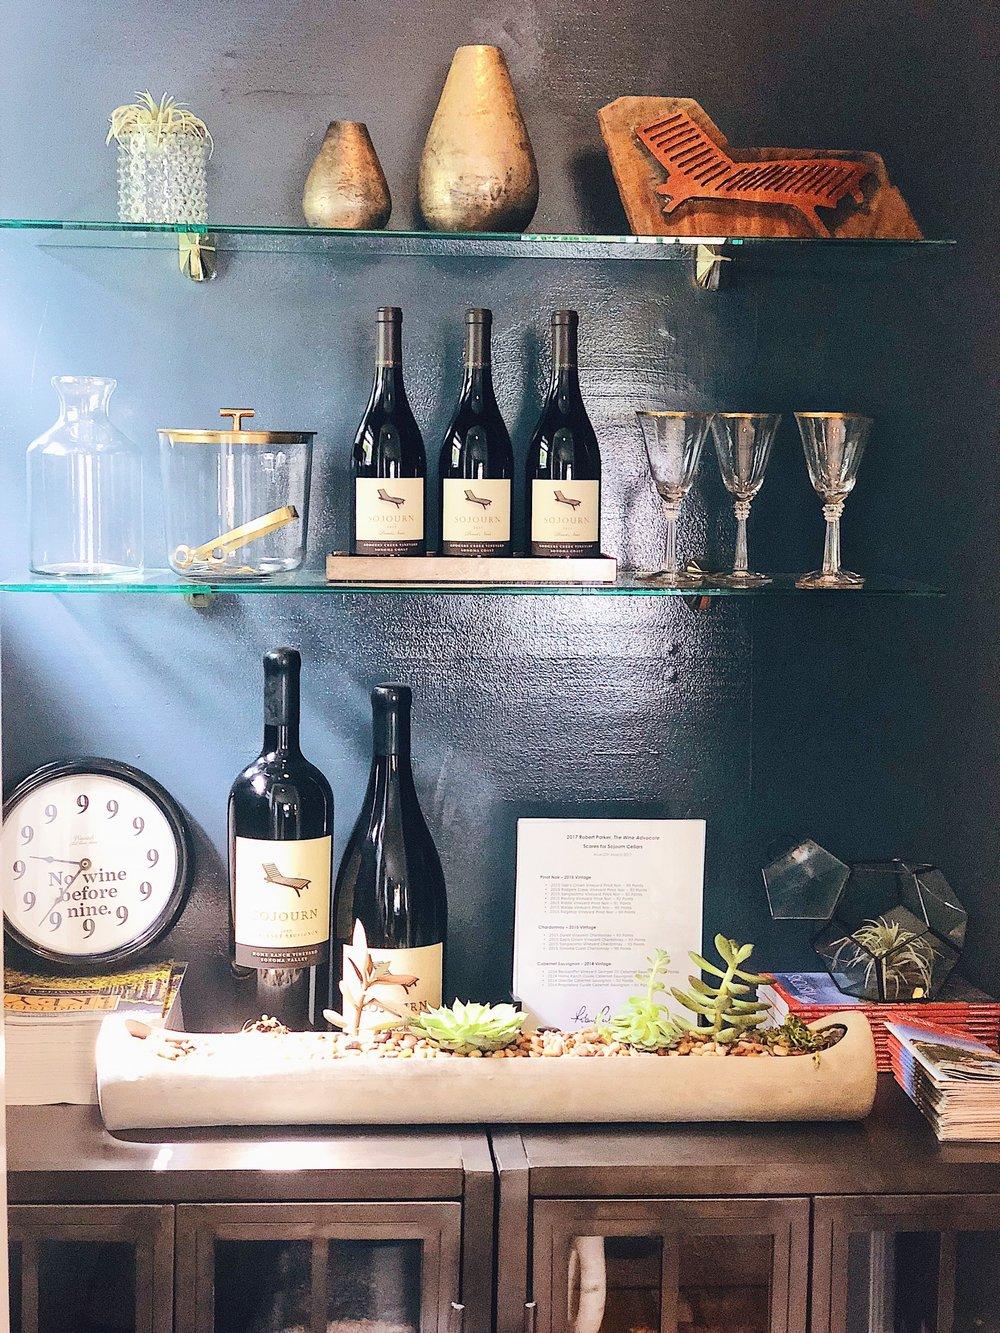 Sojourn Cellars Tasting Room